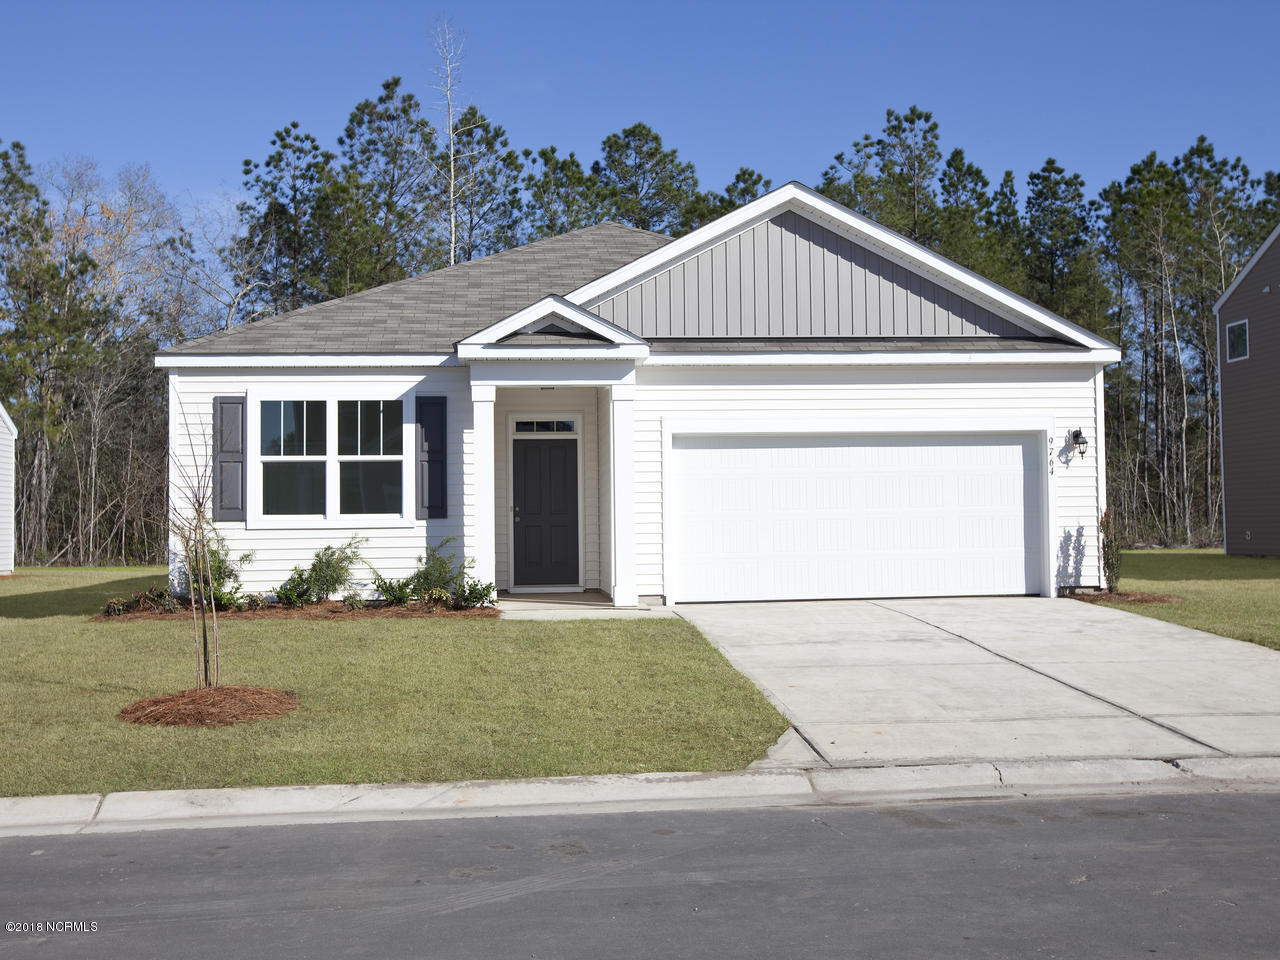 594 Avington Lane Leland, NC 28451